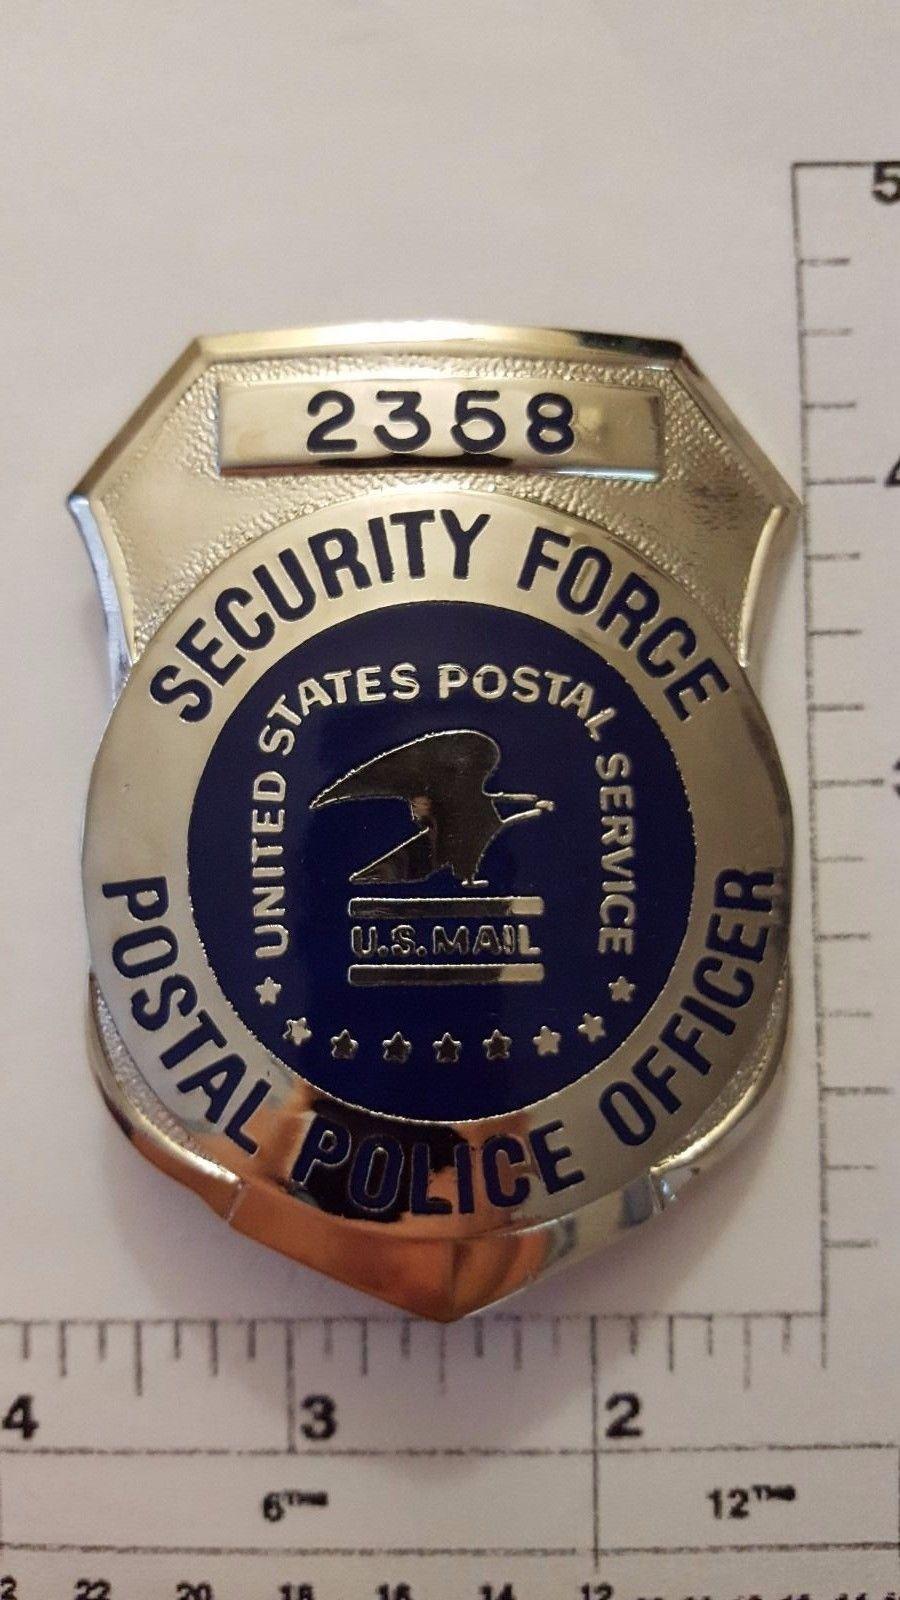 Police cap badges ga rel hat badges page 1 garel - Us Postal Police Postal Policepolice Badges2d